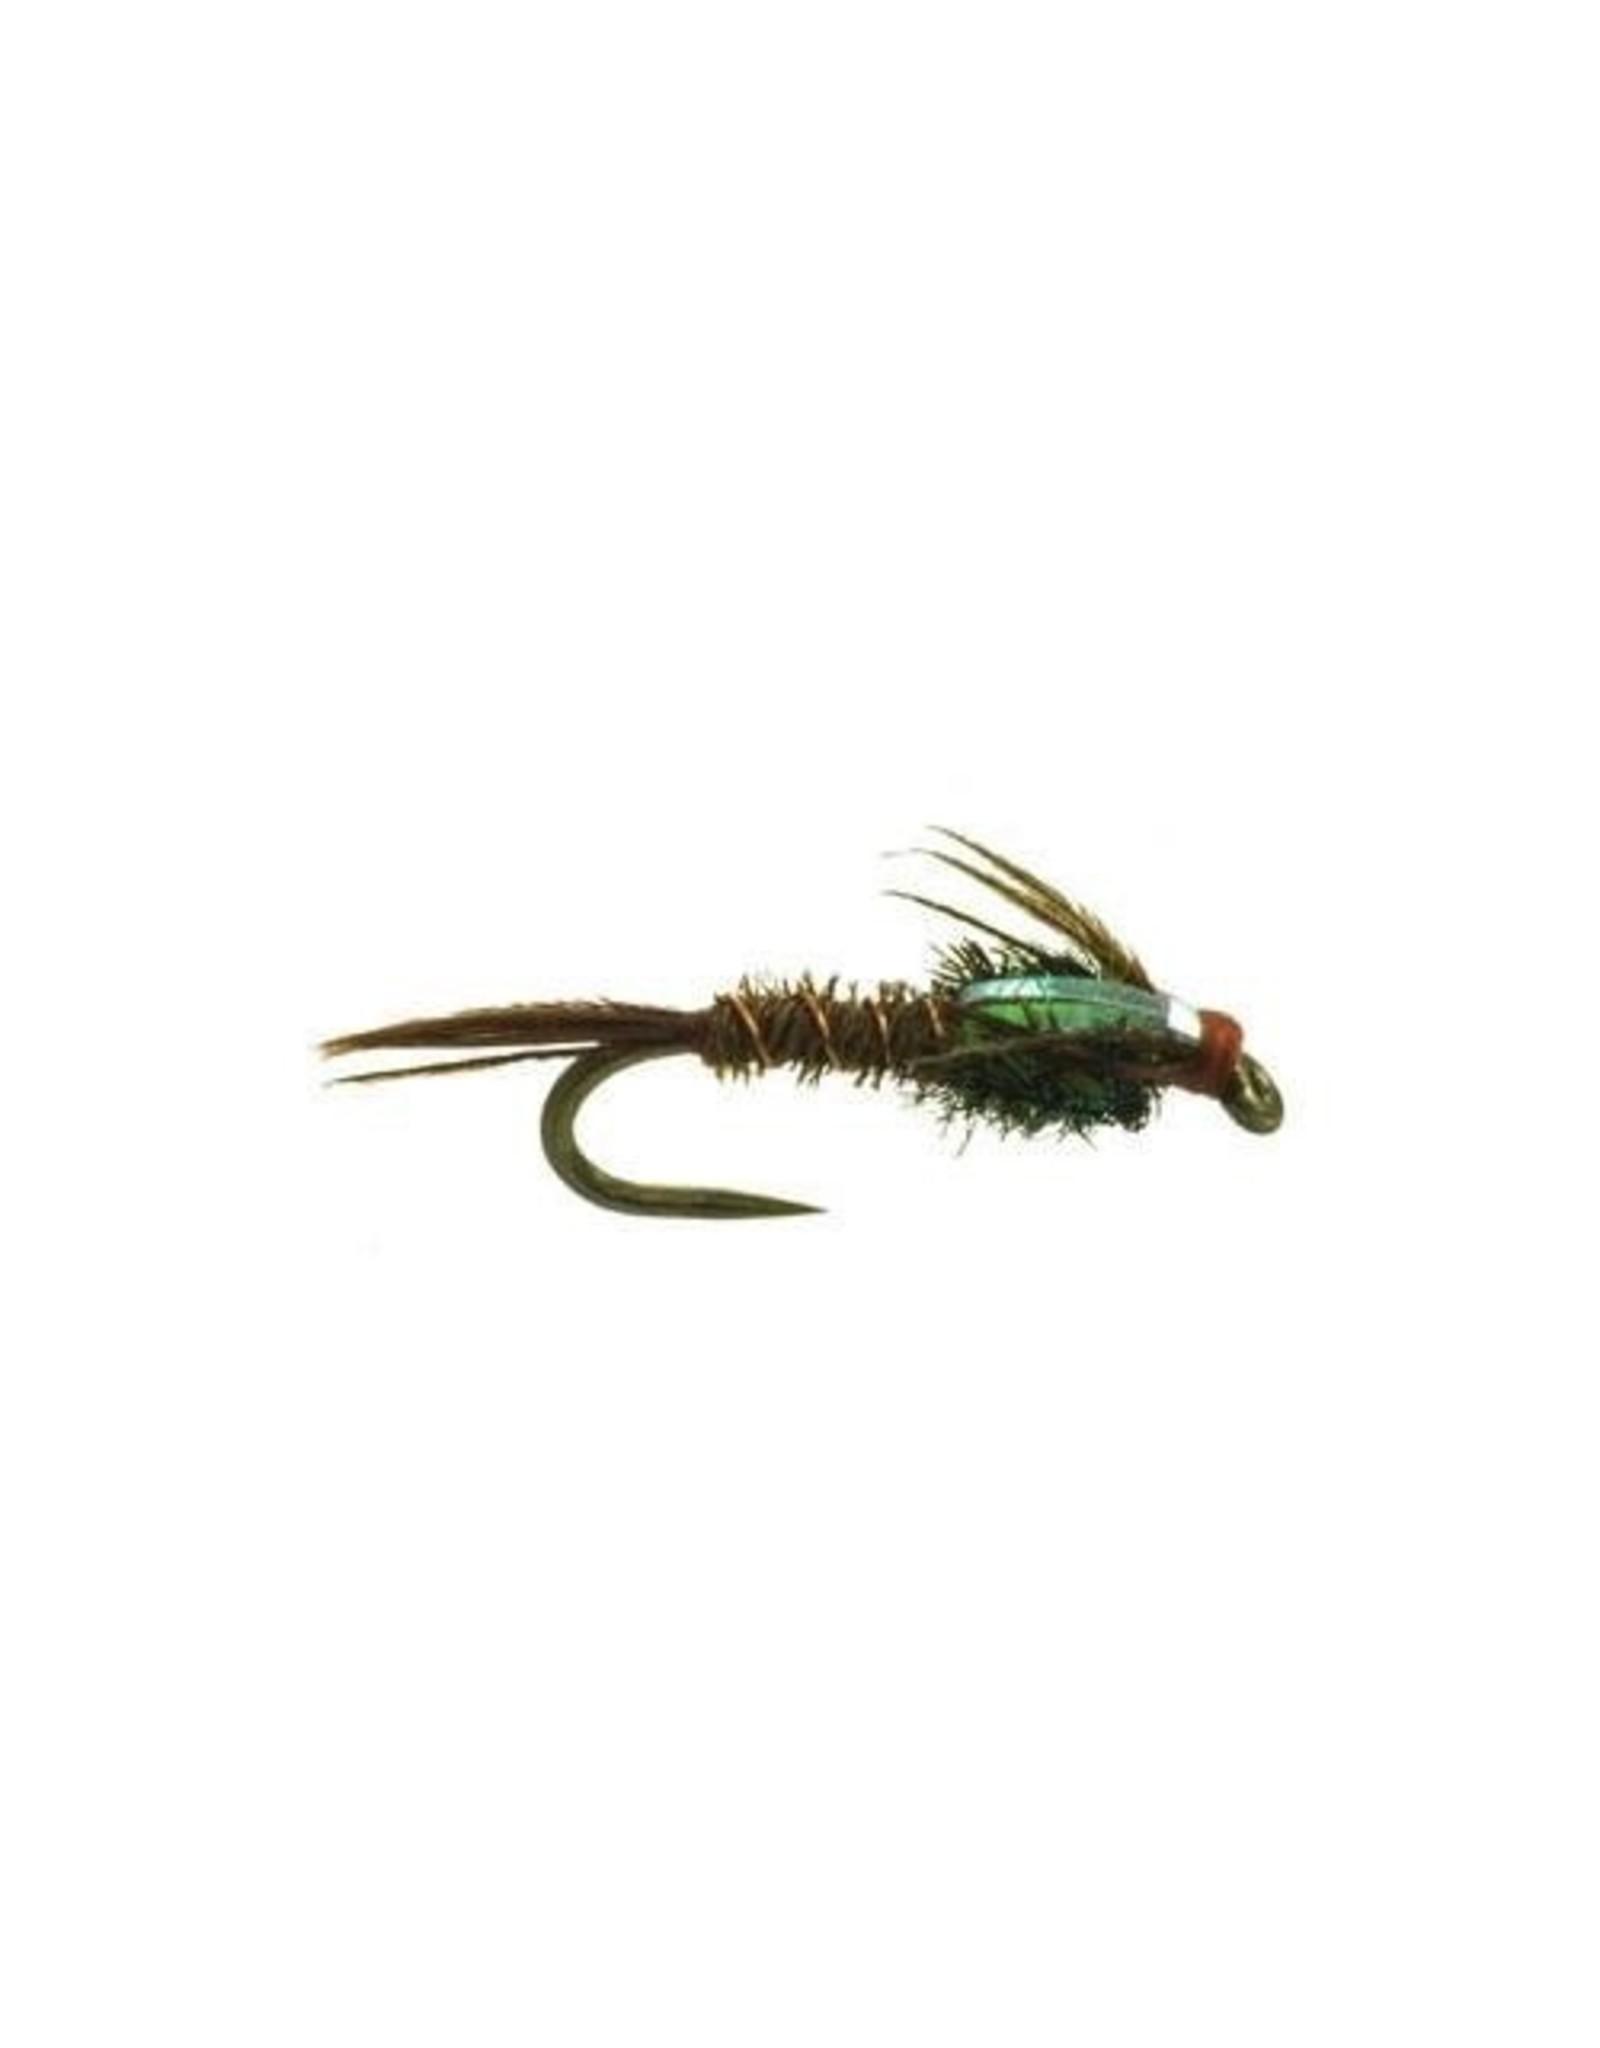 Umpqua Pheasant Tail Flashback Slim (3 Pack0